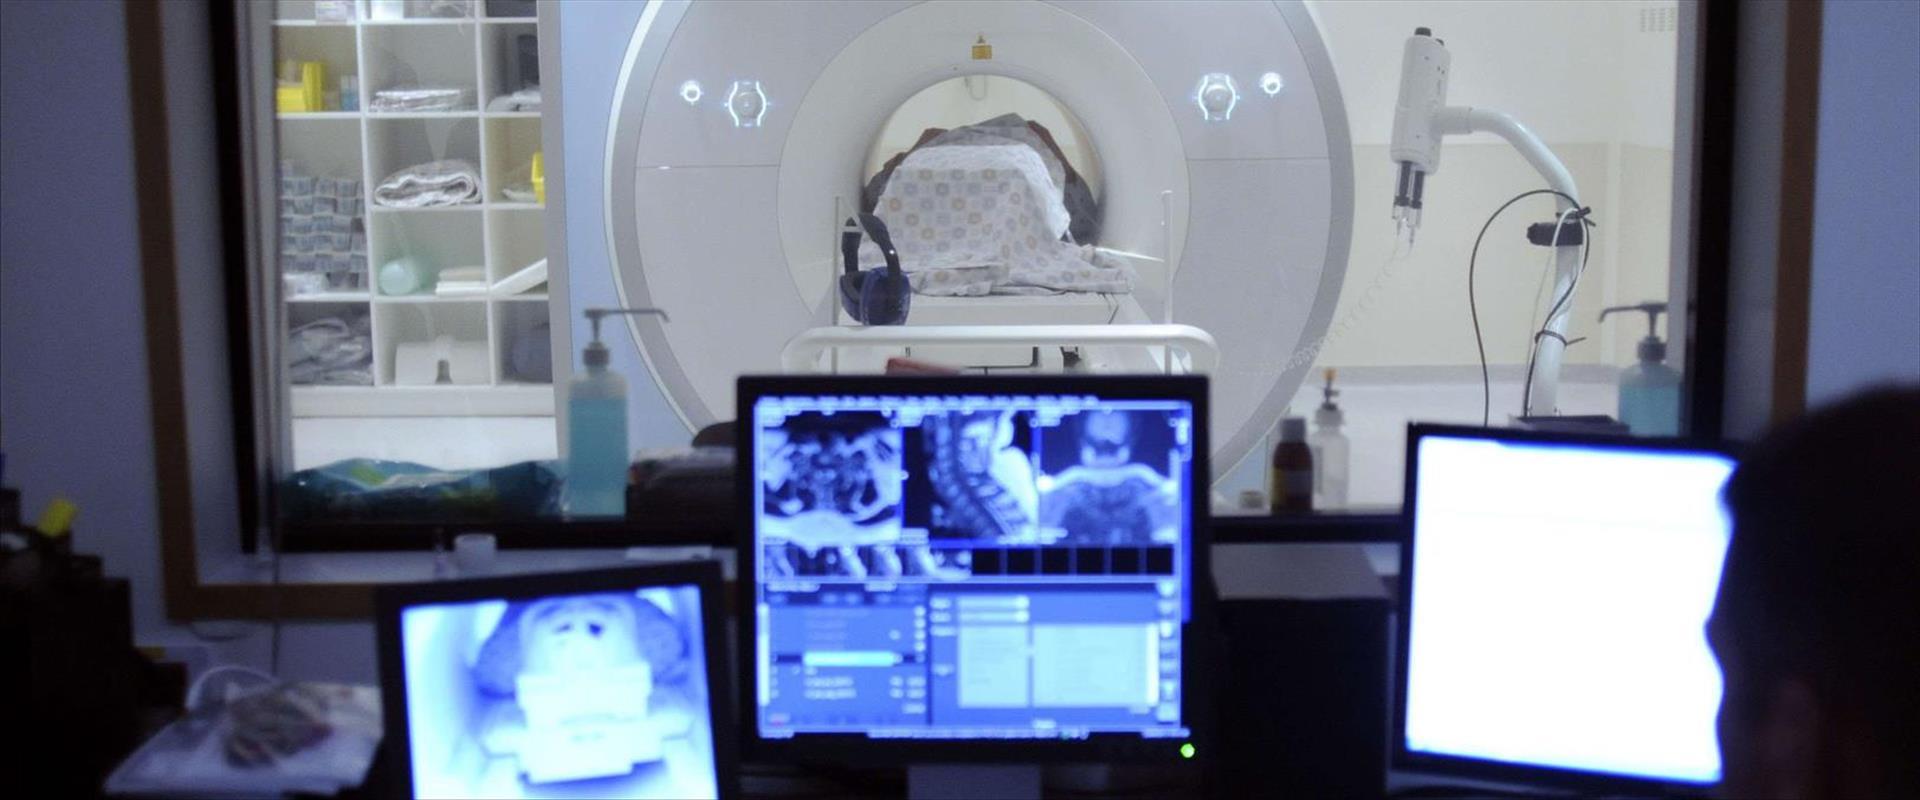 מכונת MRI בשערי צדק